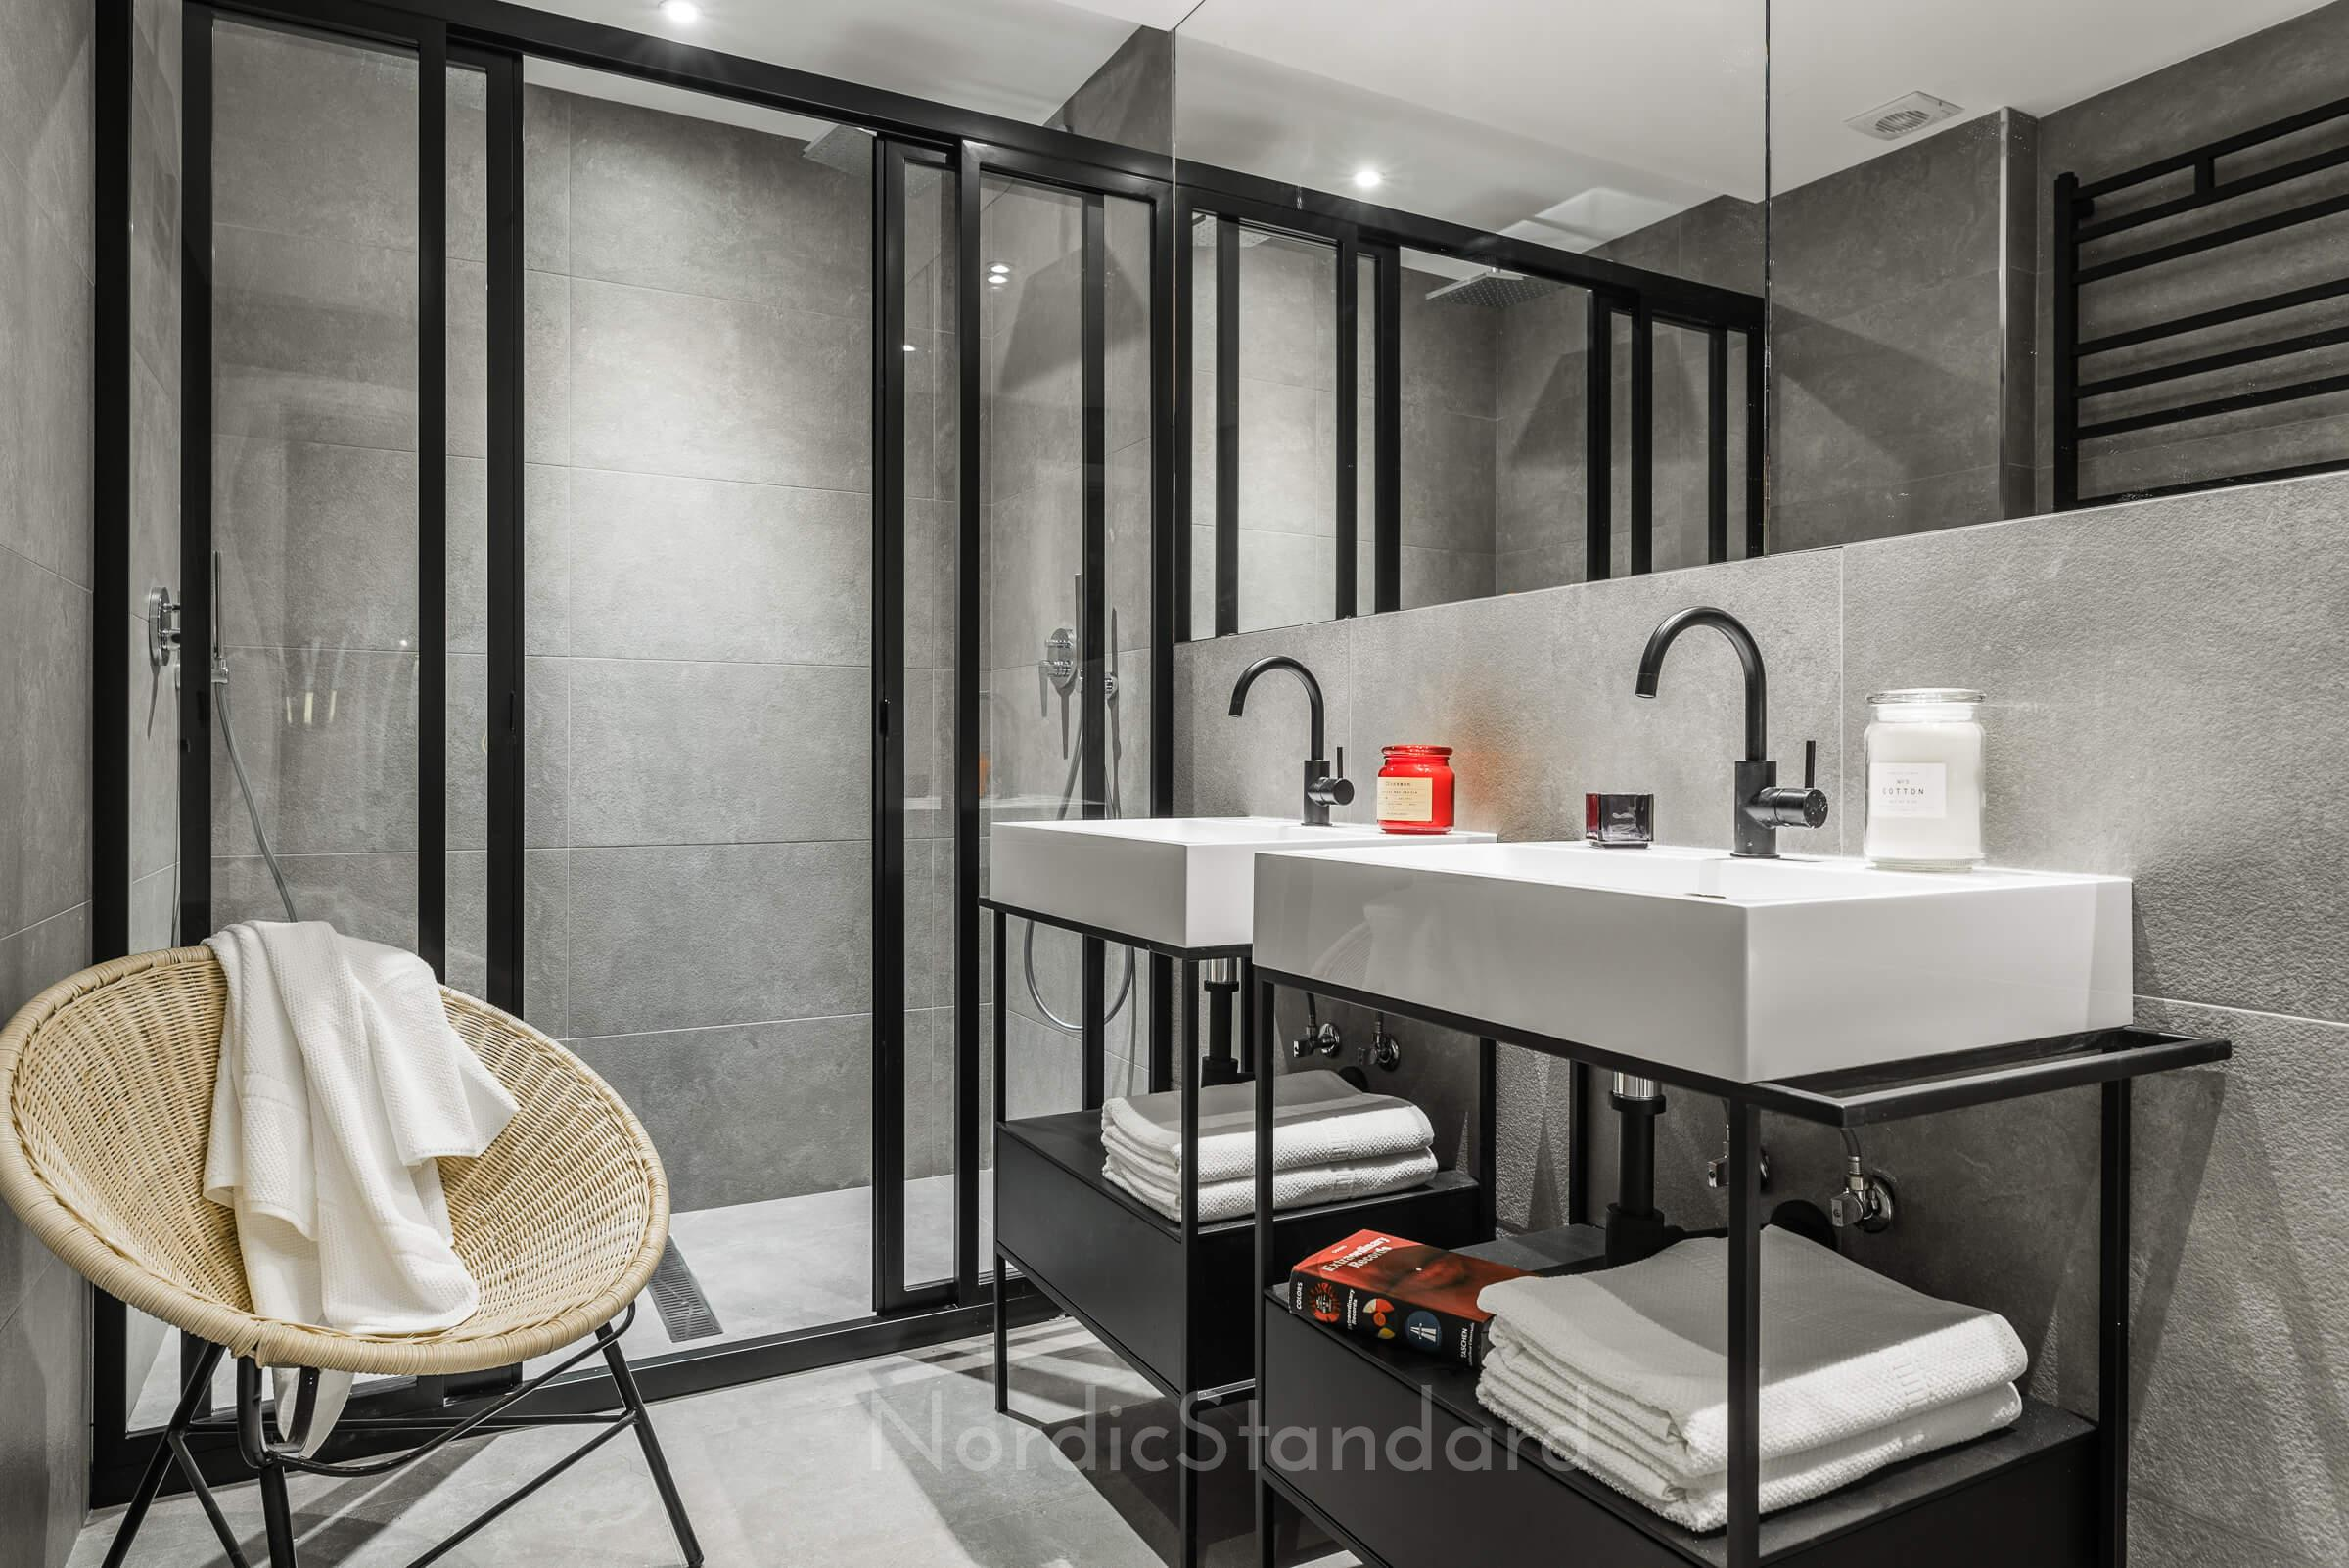 baie in alb si negru